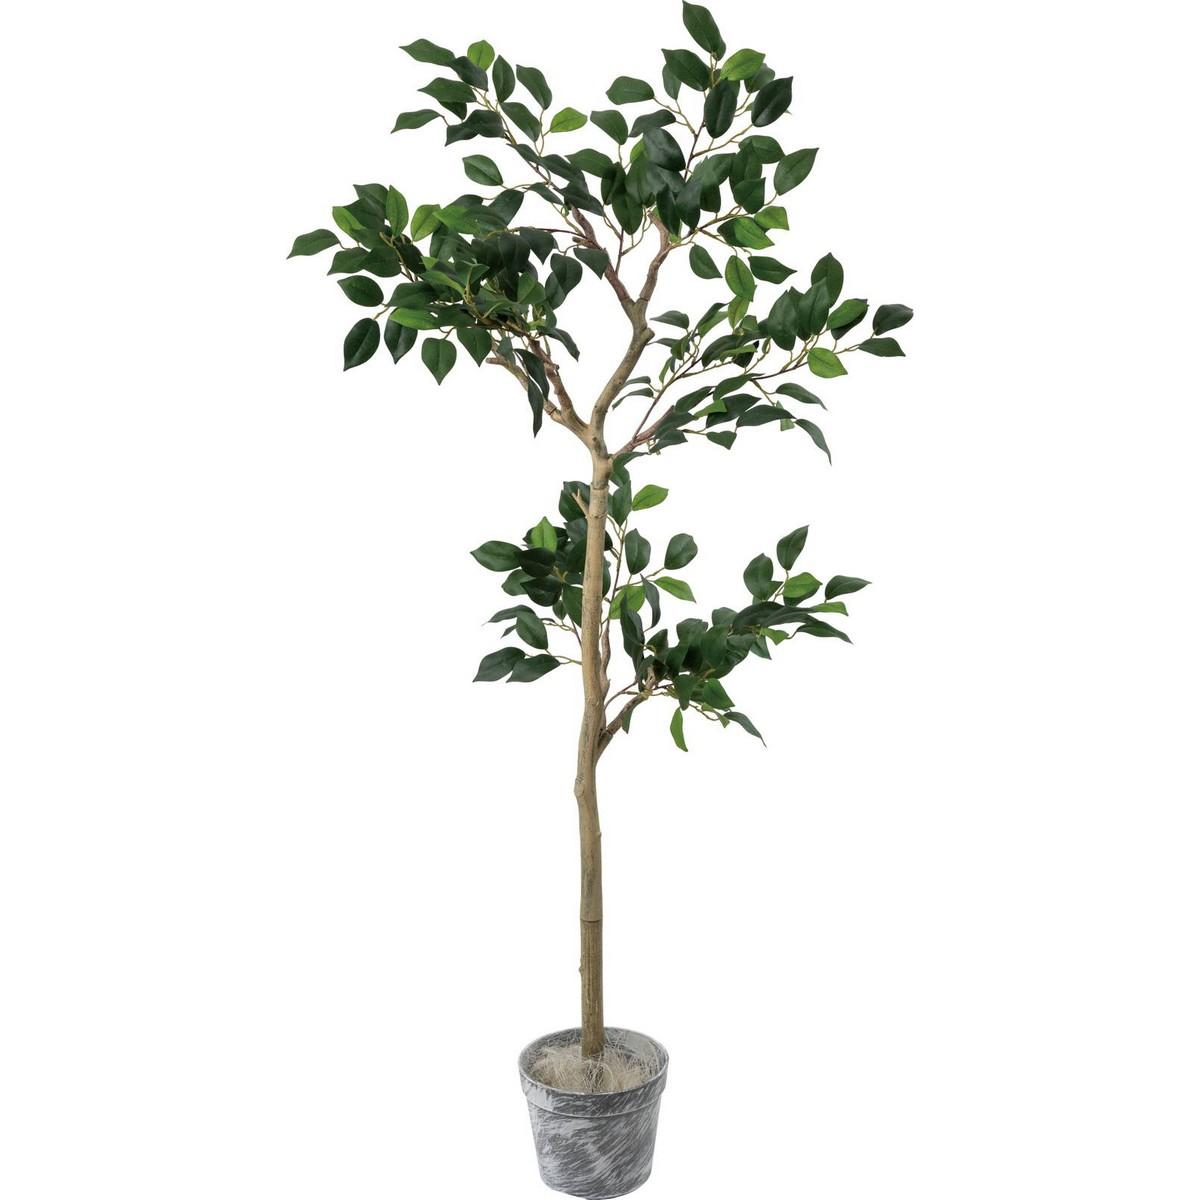 造花 人工観葉植物 高さ~150cm フェイクグリーン インテリア 直送 YDM ジョイントベンジャミンツリーセット 激安価格と即納で通信販売 返品 GLA-1514-GR GR キャンセル不可 トラスト ※代引 01 アーティフィシャルフラワー